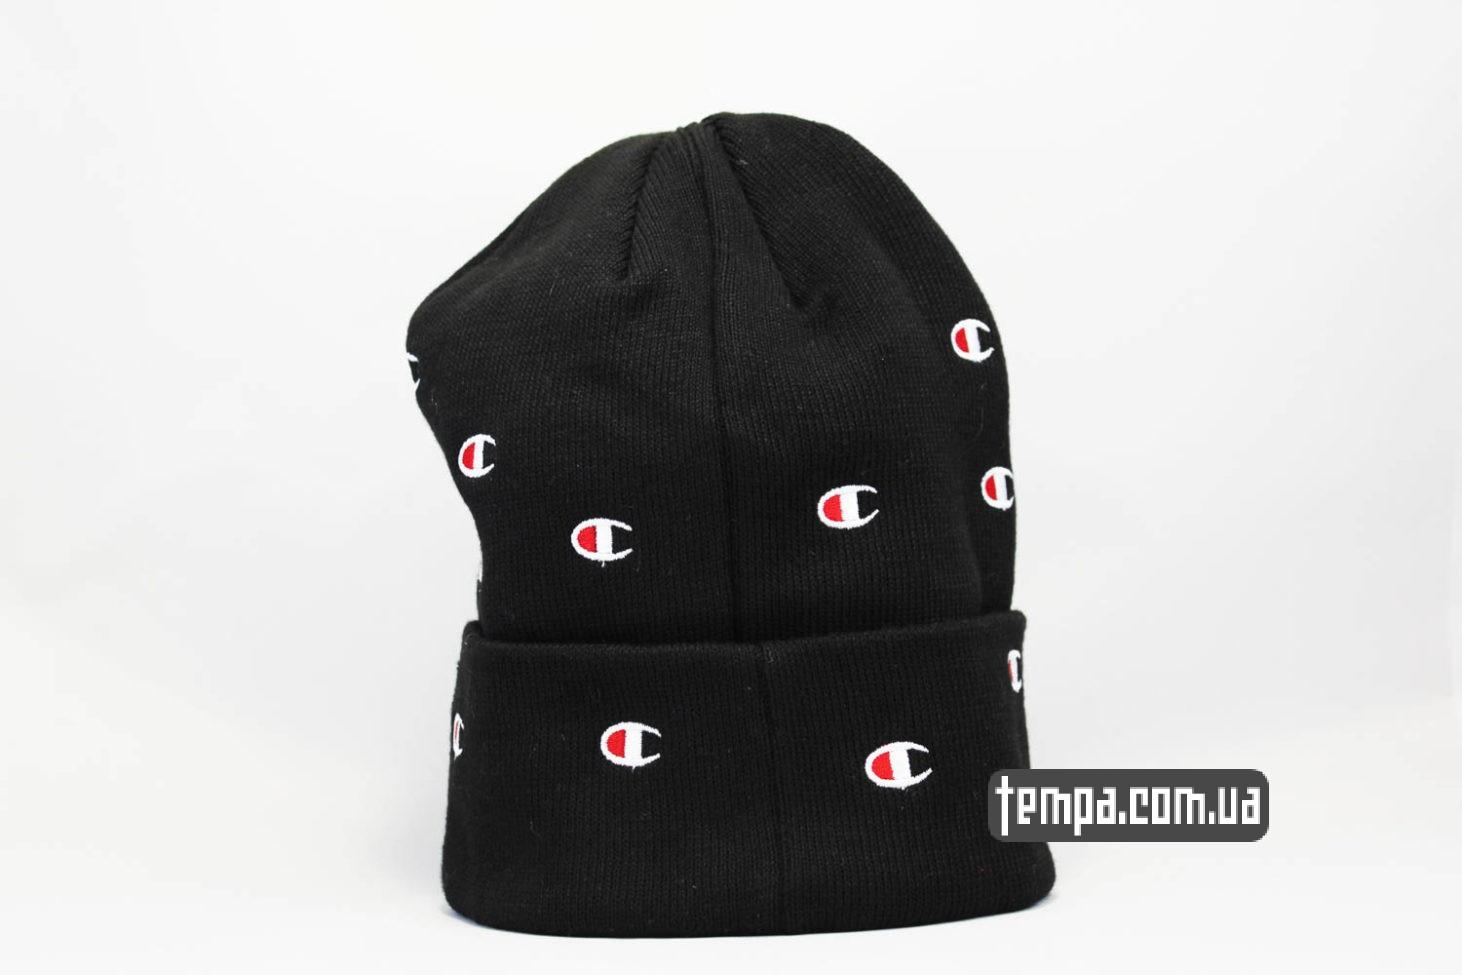 зимние бини купить шапка beanie Champion black черная с логотипами